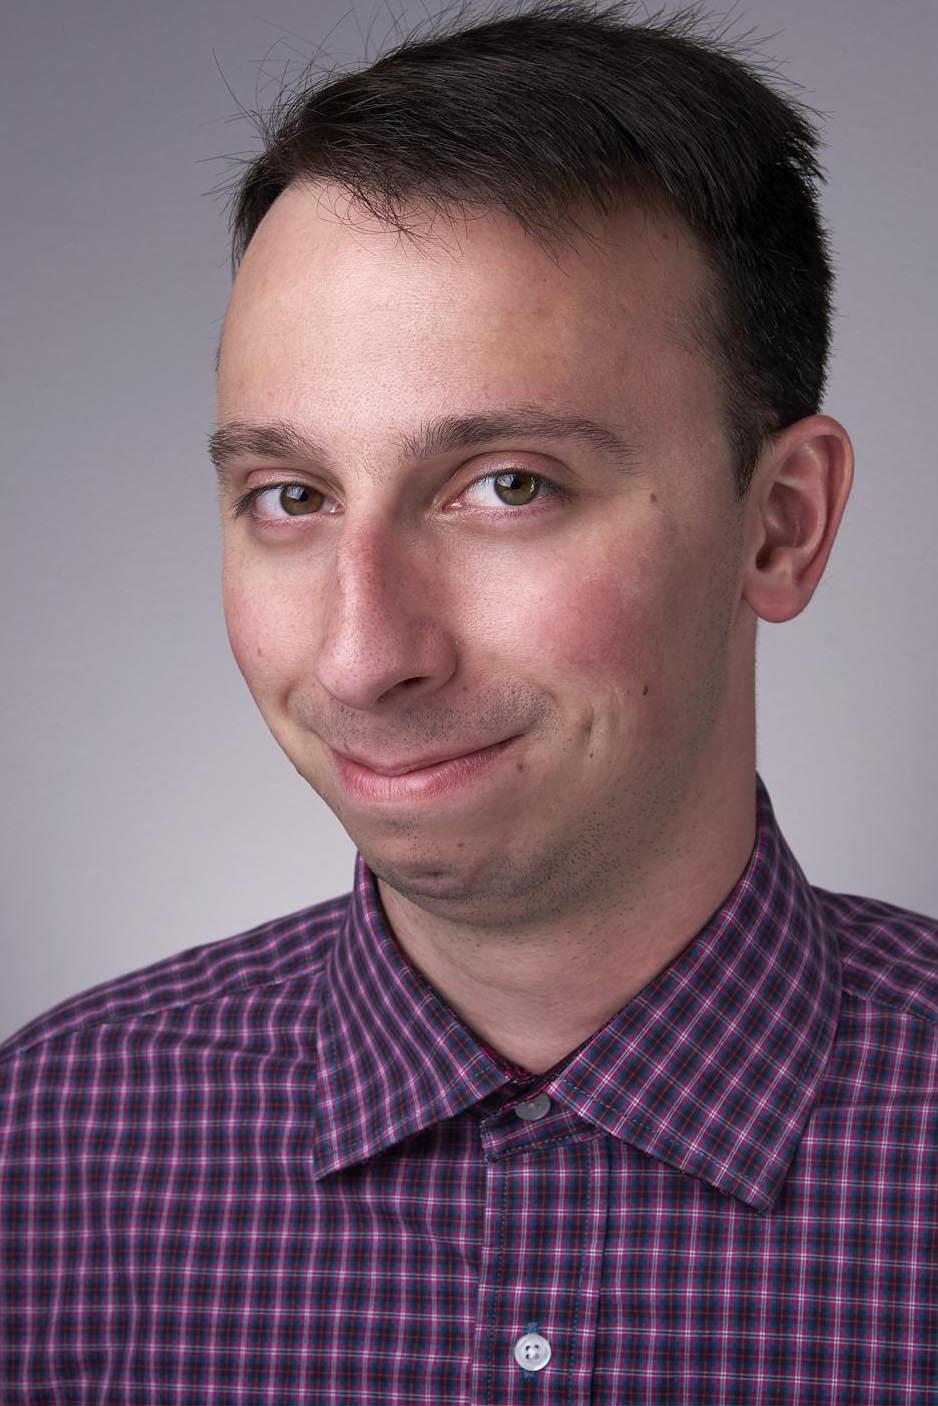 Zachary Morehouse